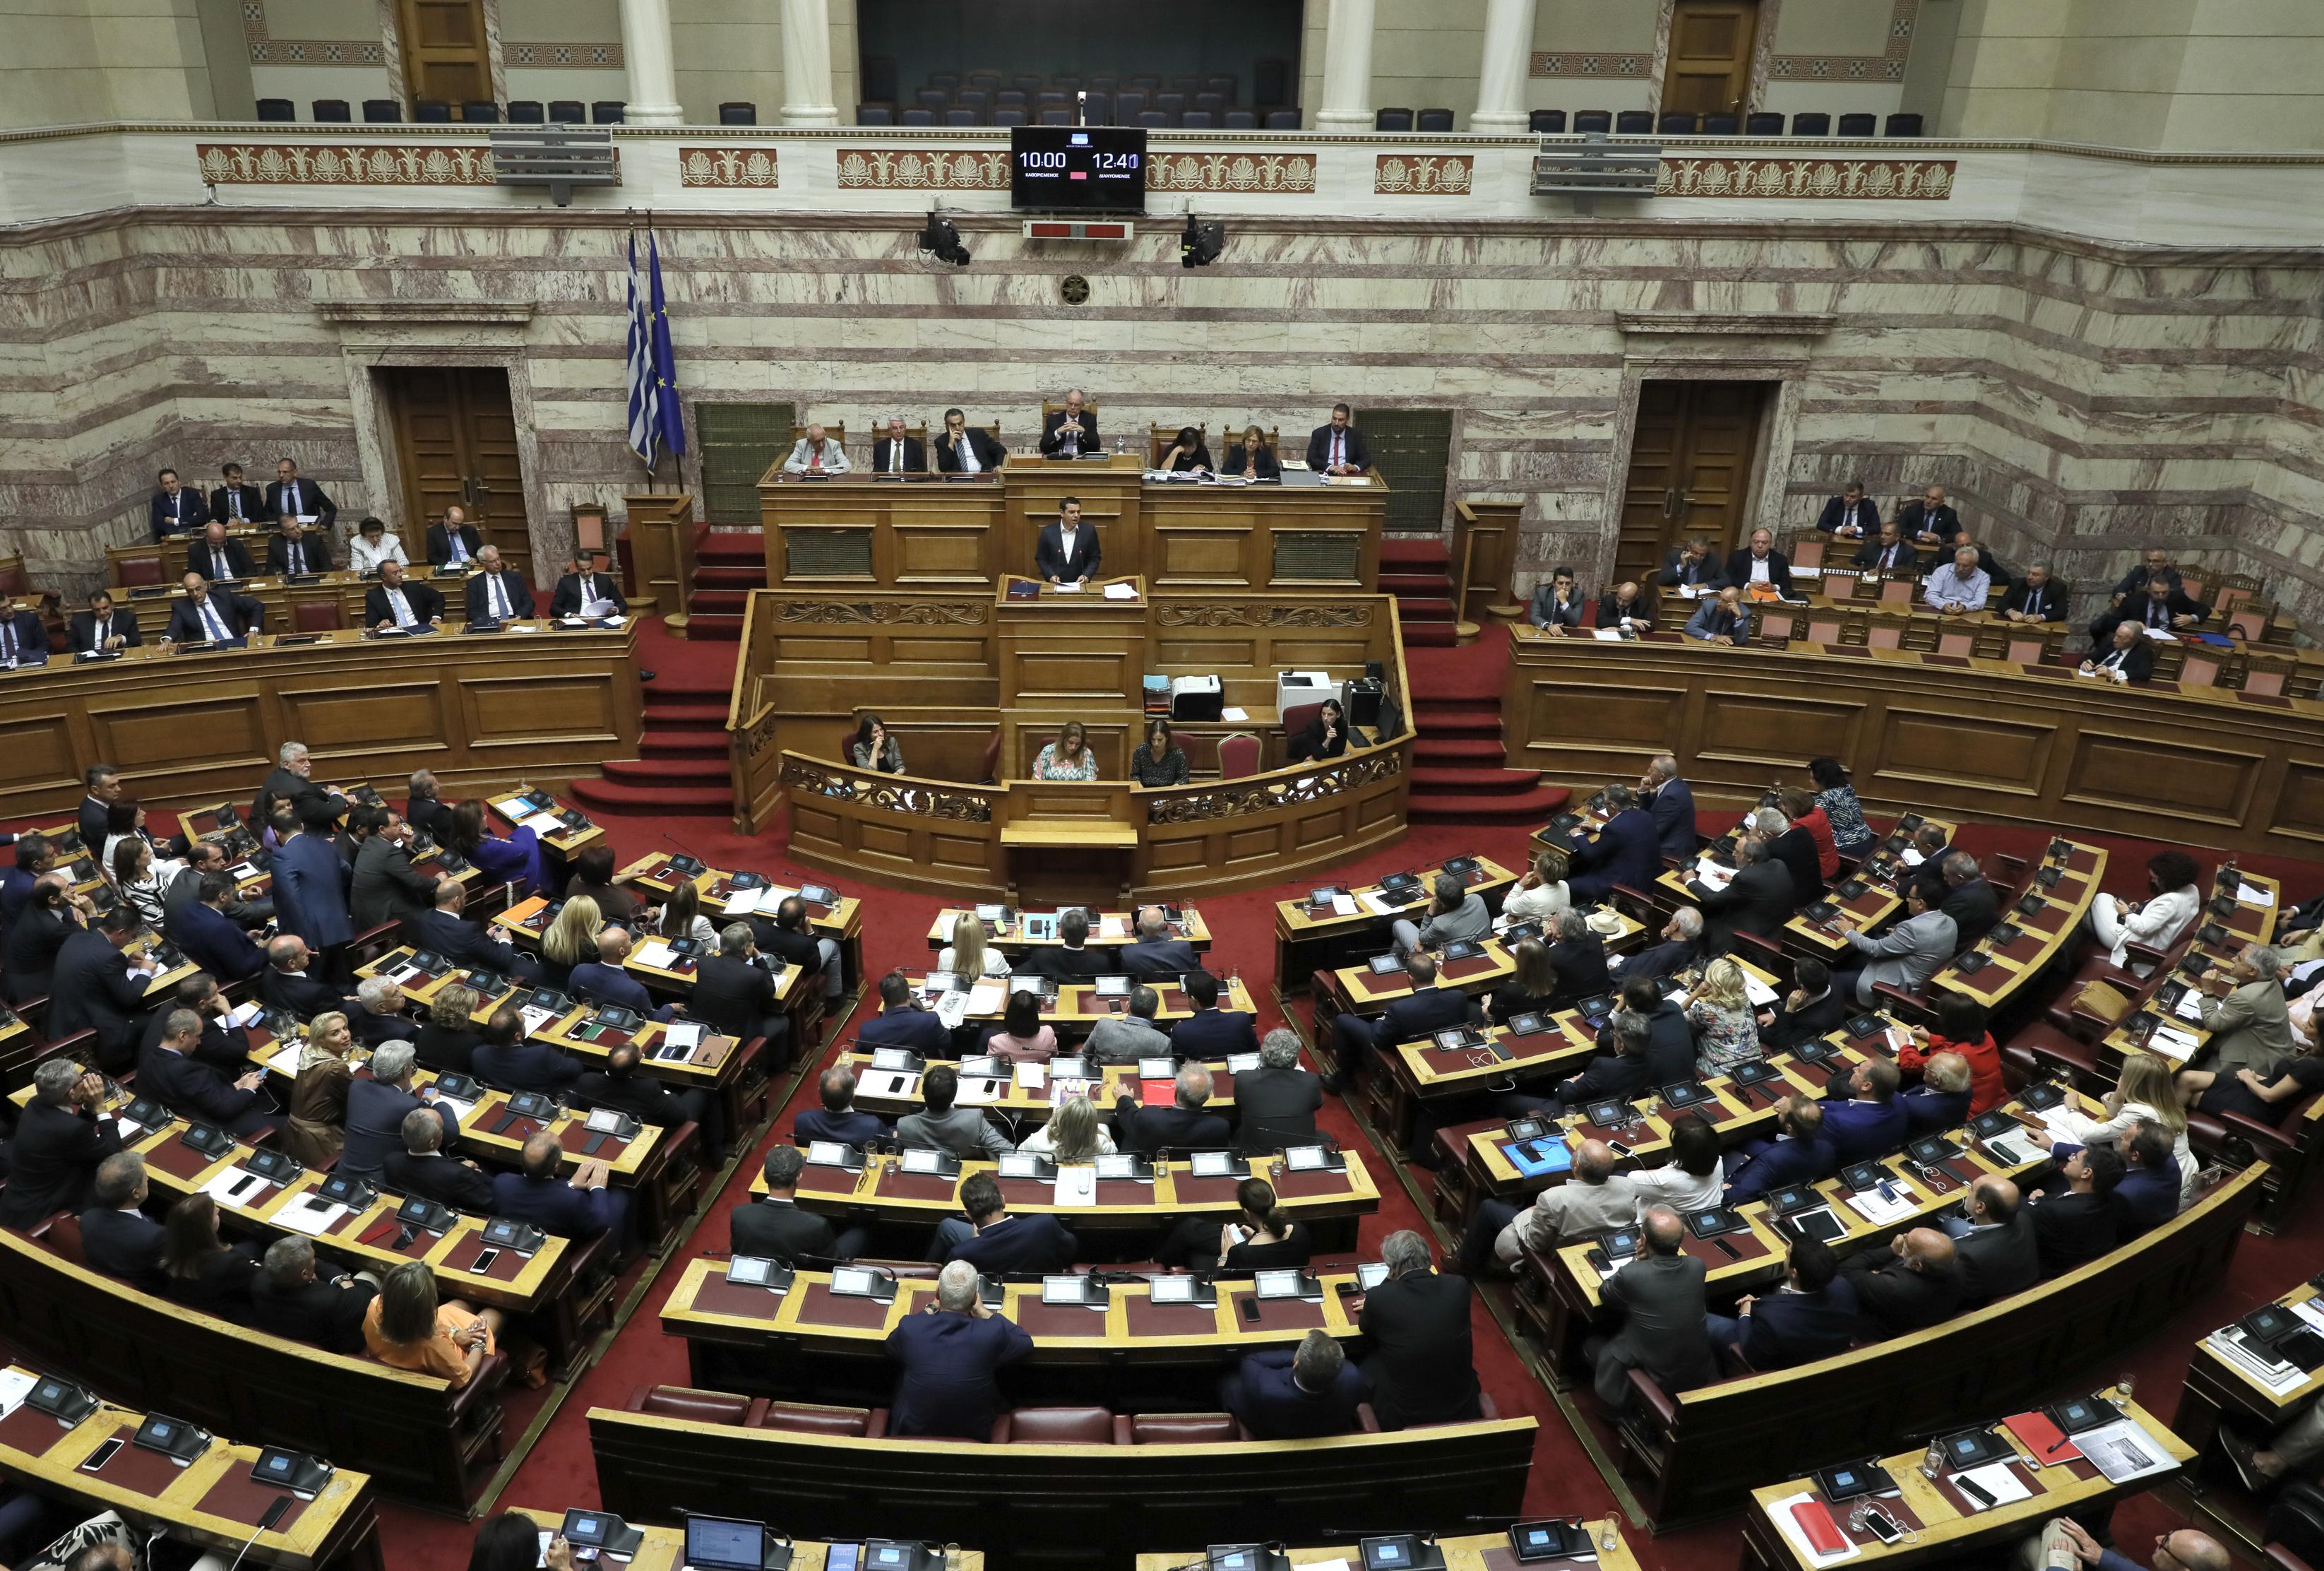 Βουλή – Αναθεώρηση: Όχι της ΝΔ στις προτάσεις ΣΥΡΙΖΑ για δημοψηφίσματα